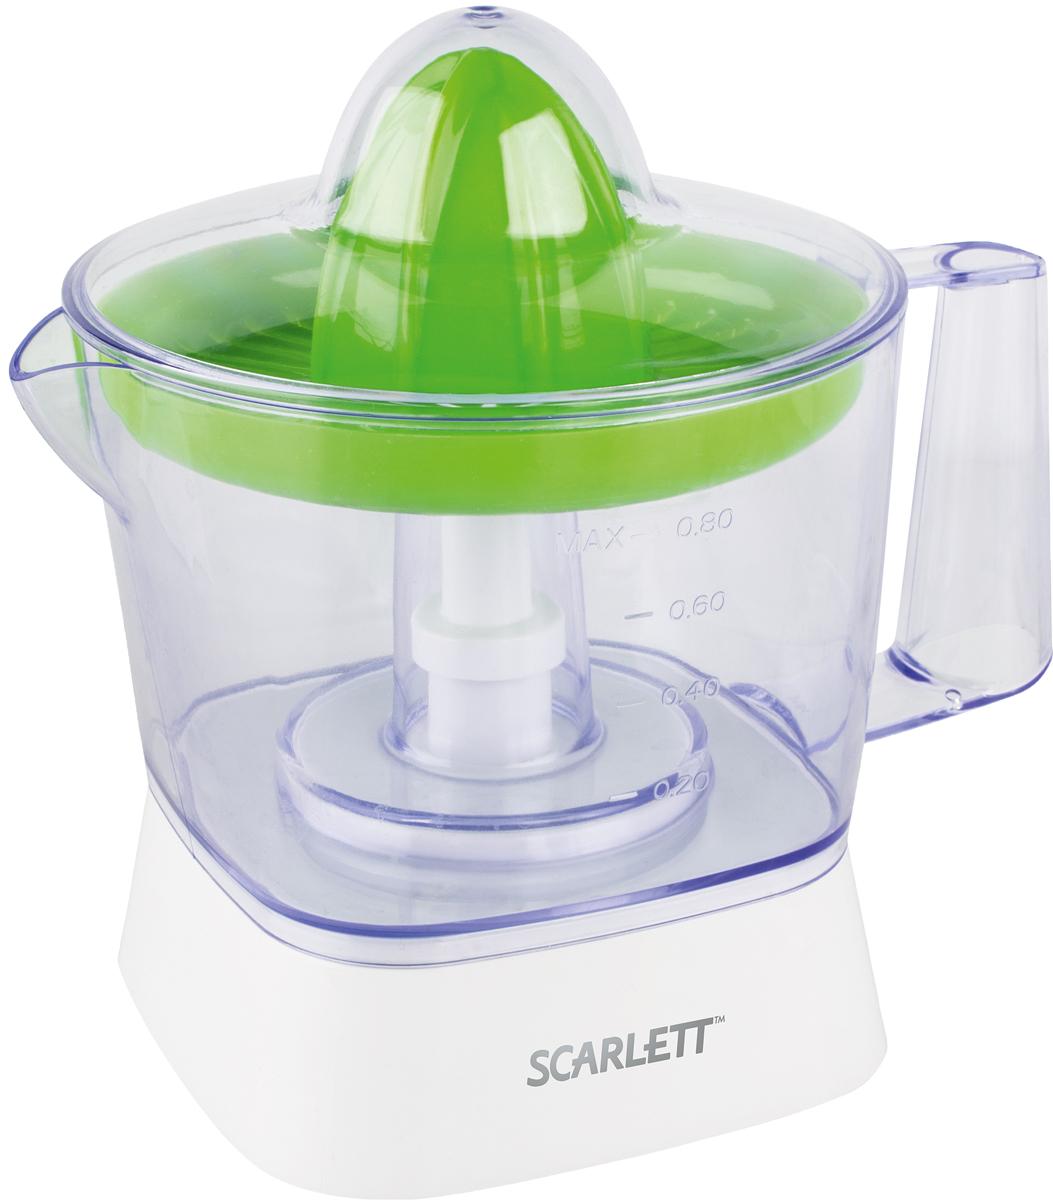 Scarlett SC-JE50C05, Green соковыжималкаSC-JE50C05Компактная соковыжималка Scarlett SC-JE50C05 не займёт много места на кухне. Её можноустановить в любом удобном месте.Объём резервуара для сока составляет 800 мл. Резервуар съёмный, оснащён ручкой иносиком, поэтому его можно использовать для подачи сока на стол, наливания его встаканы, а также для хранения. На стенки нанесена градуировка, помогающая понять,сколько сока находится в ёмкости.Соковыжималка работает в импульсном режиме, это обеспечивает особеннуюэффективность, позволяет выжать из каждого плода максимум сока.